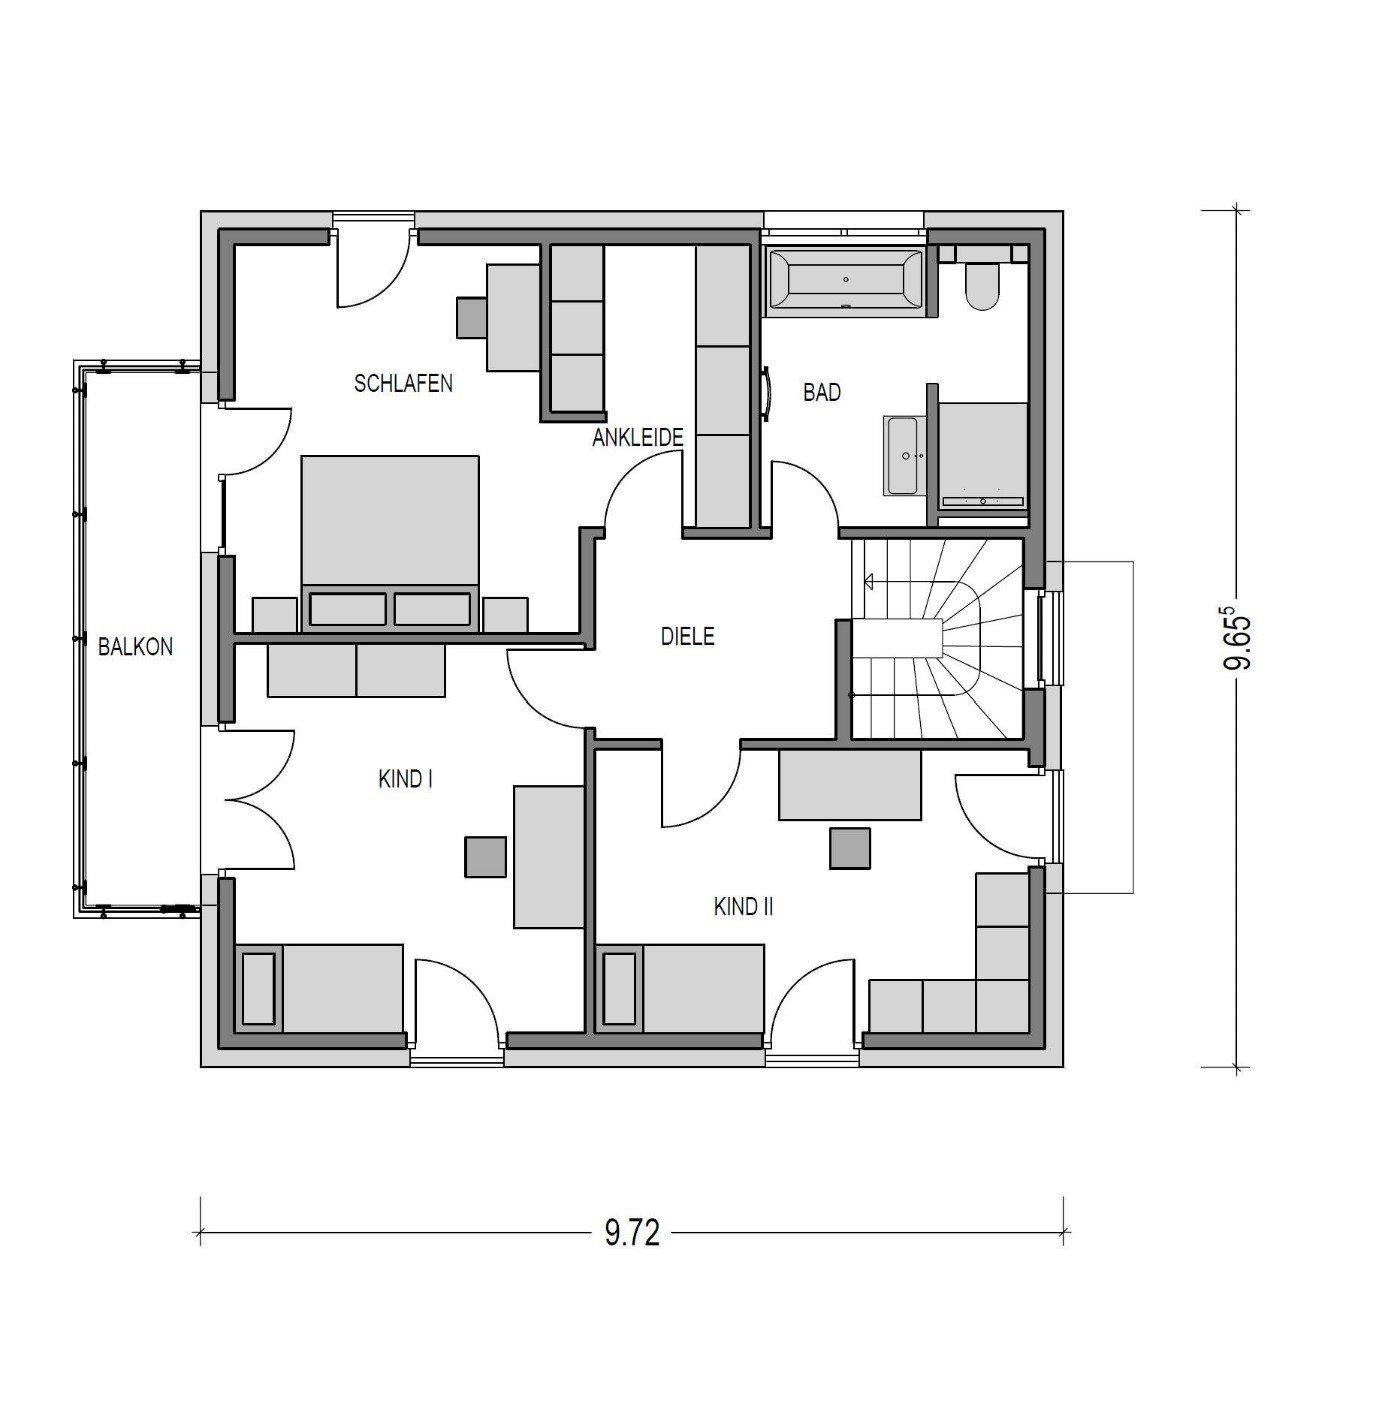 Grundriss Obergeschoss 3 Zimmer Schlafzimmer mit Ankleide Bad